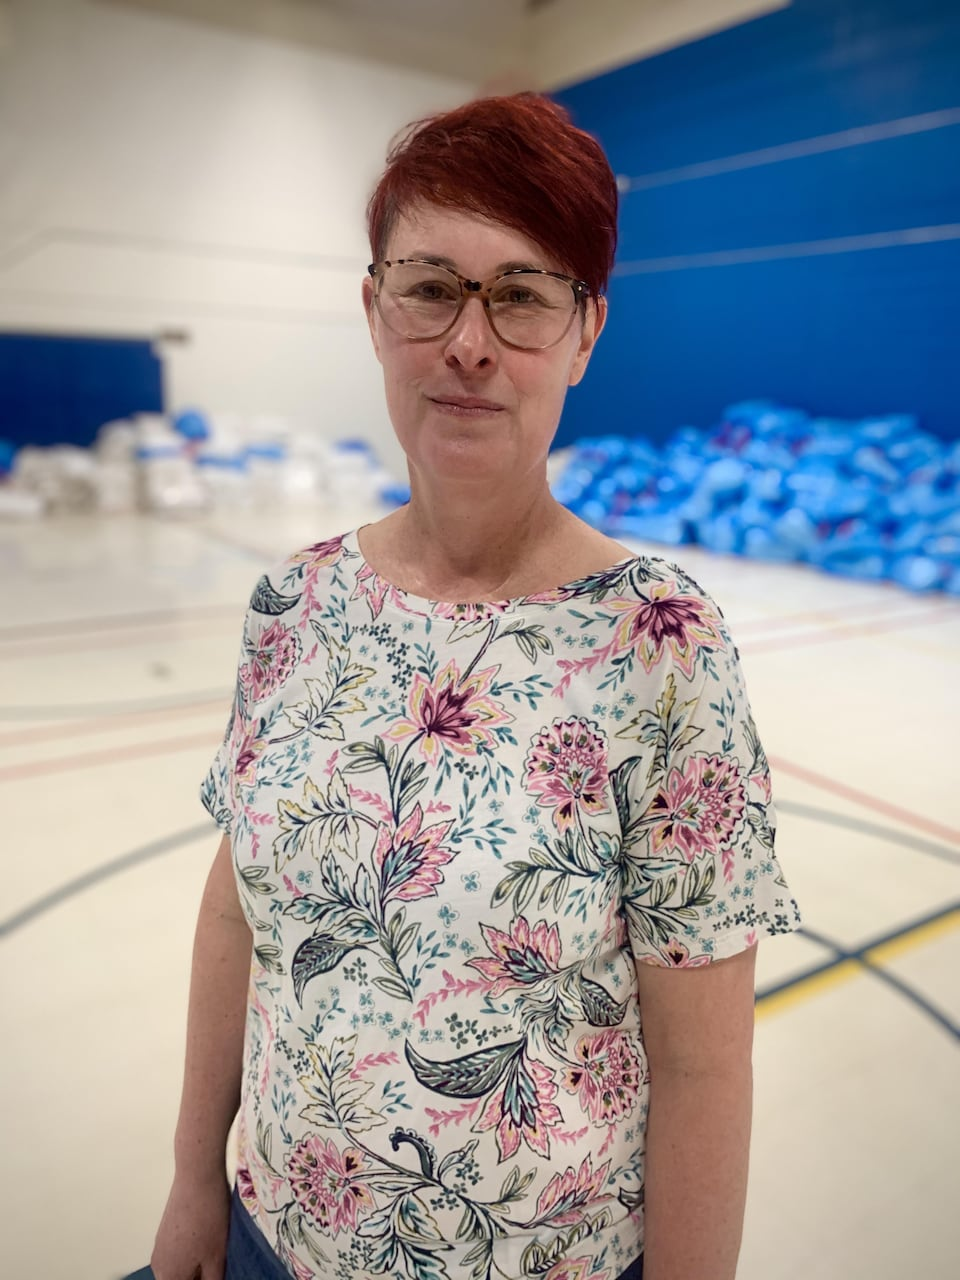 Louise Beaudoin photographiée dans le centre d'isolement pour les personnes vulnérables à Ottawa.